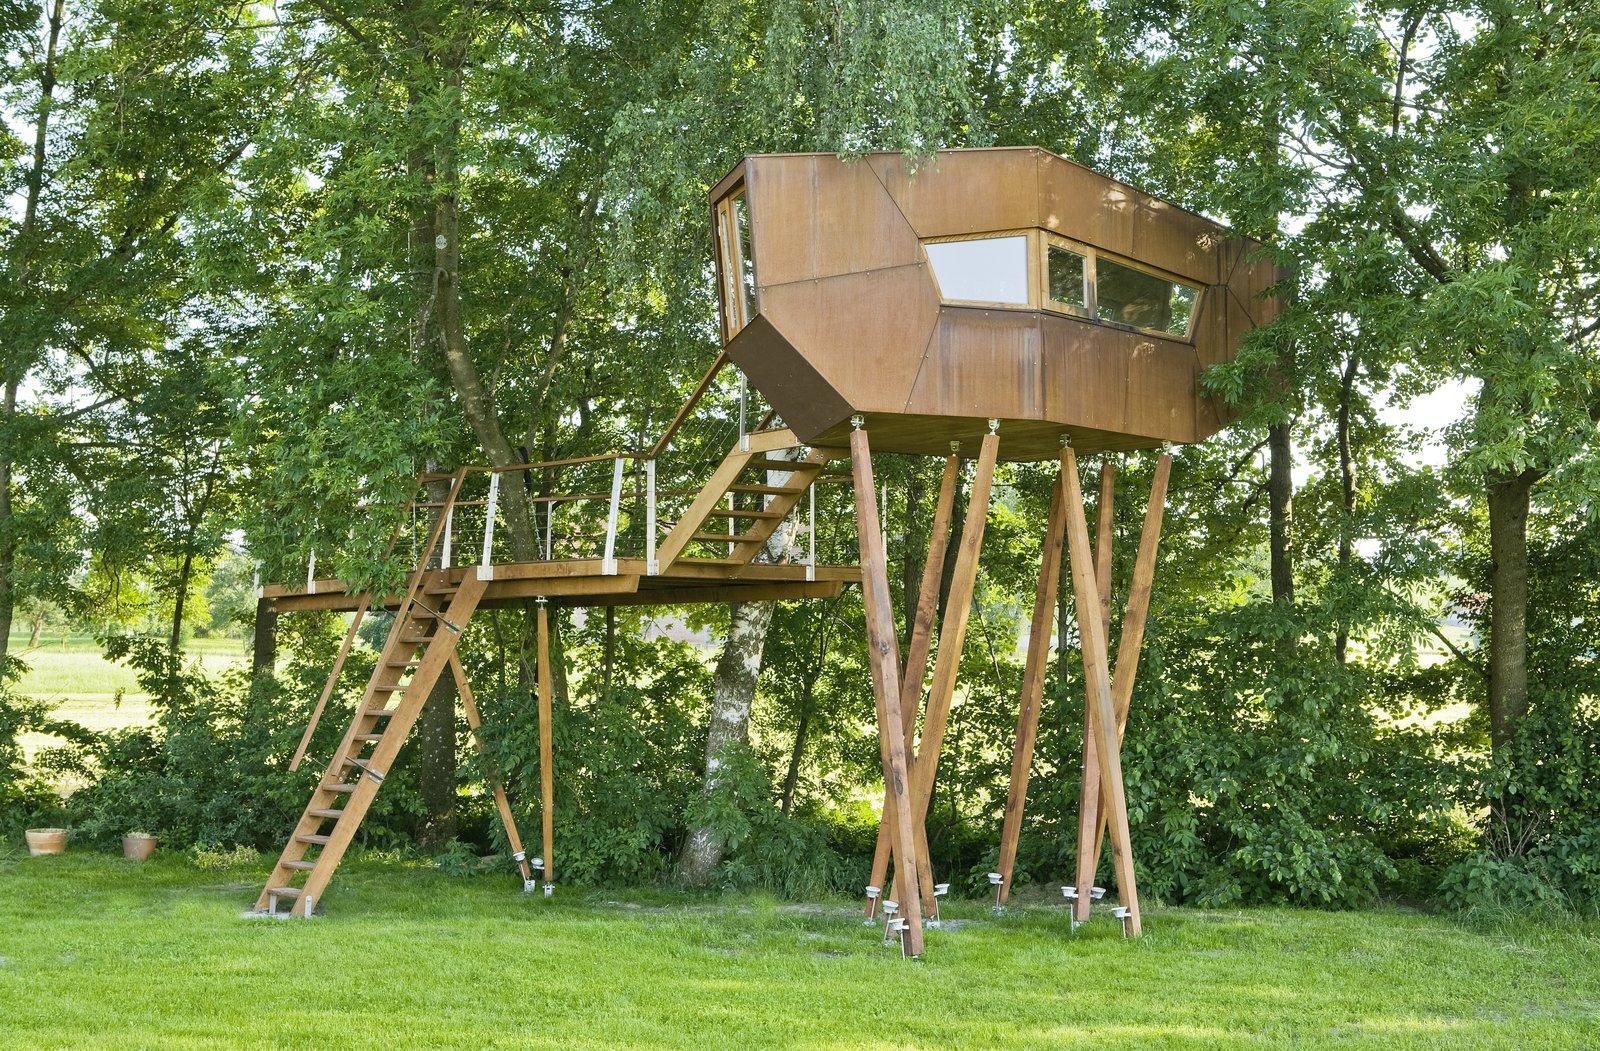 Auswahl Bachstelze Cor-Ten steel tree house